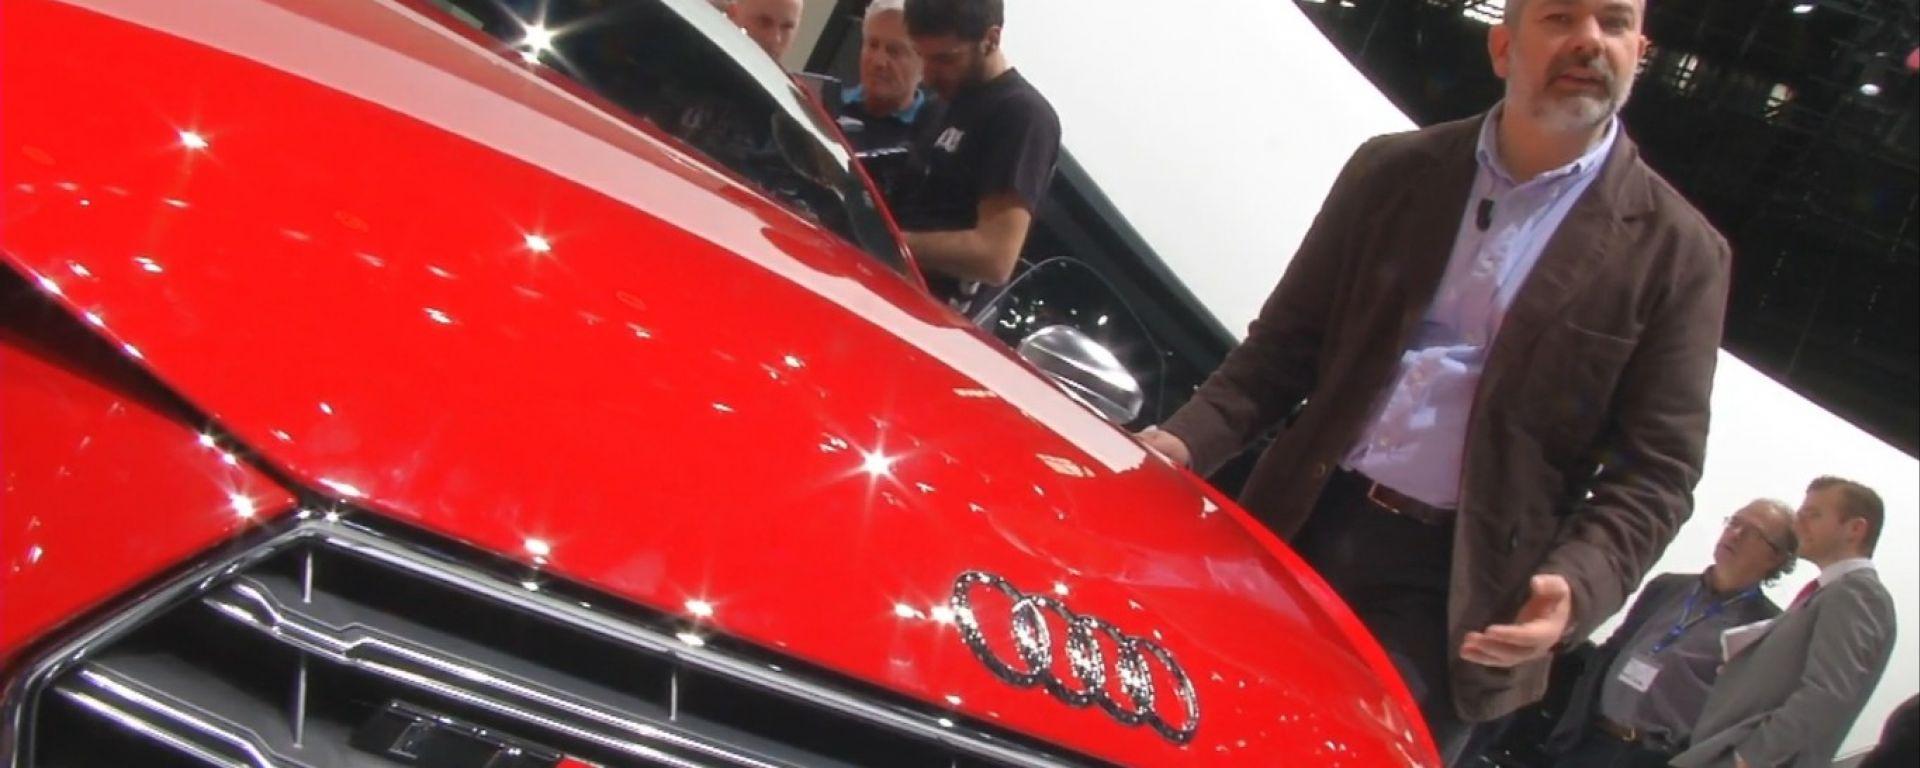 Salone di Ginevra 2014, lo stand Audi